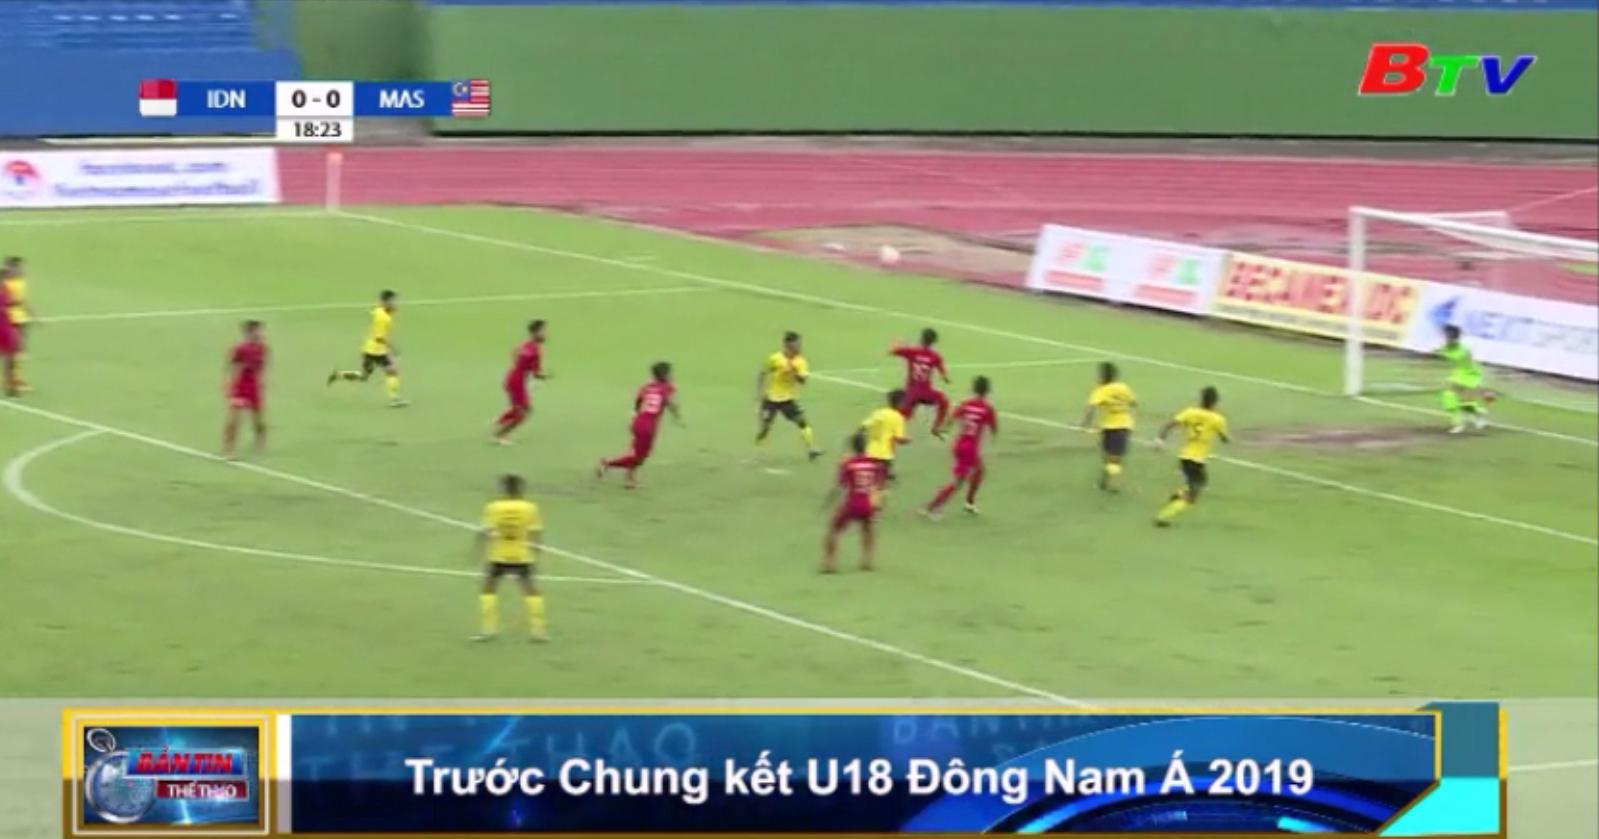 Trước trận Chung kết U18 Đông Nam Á 2019